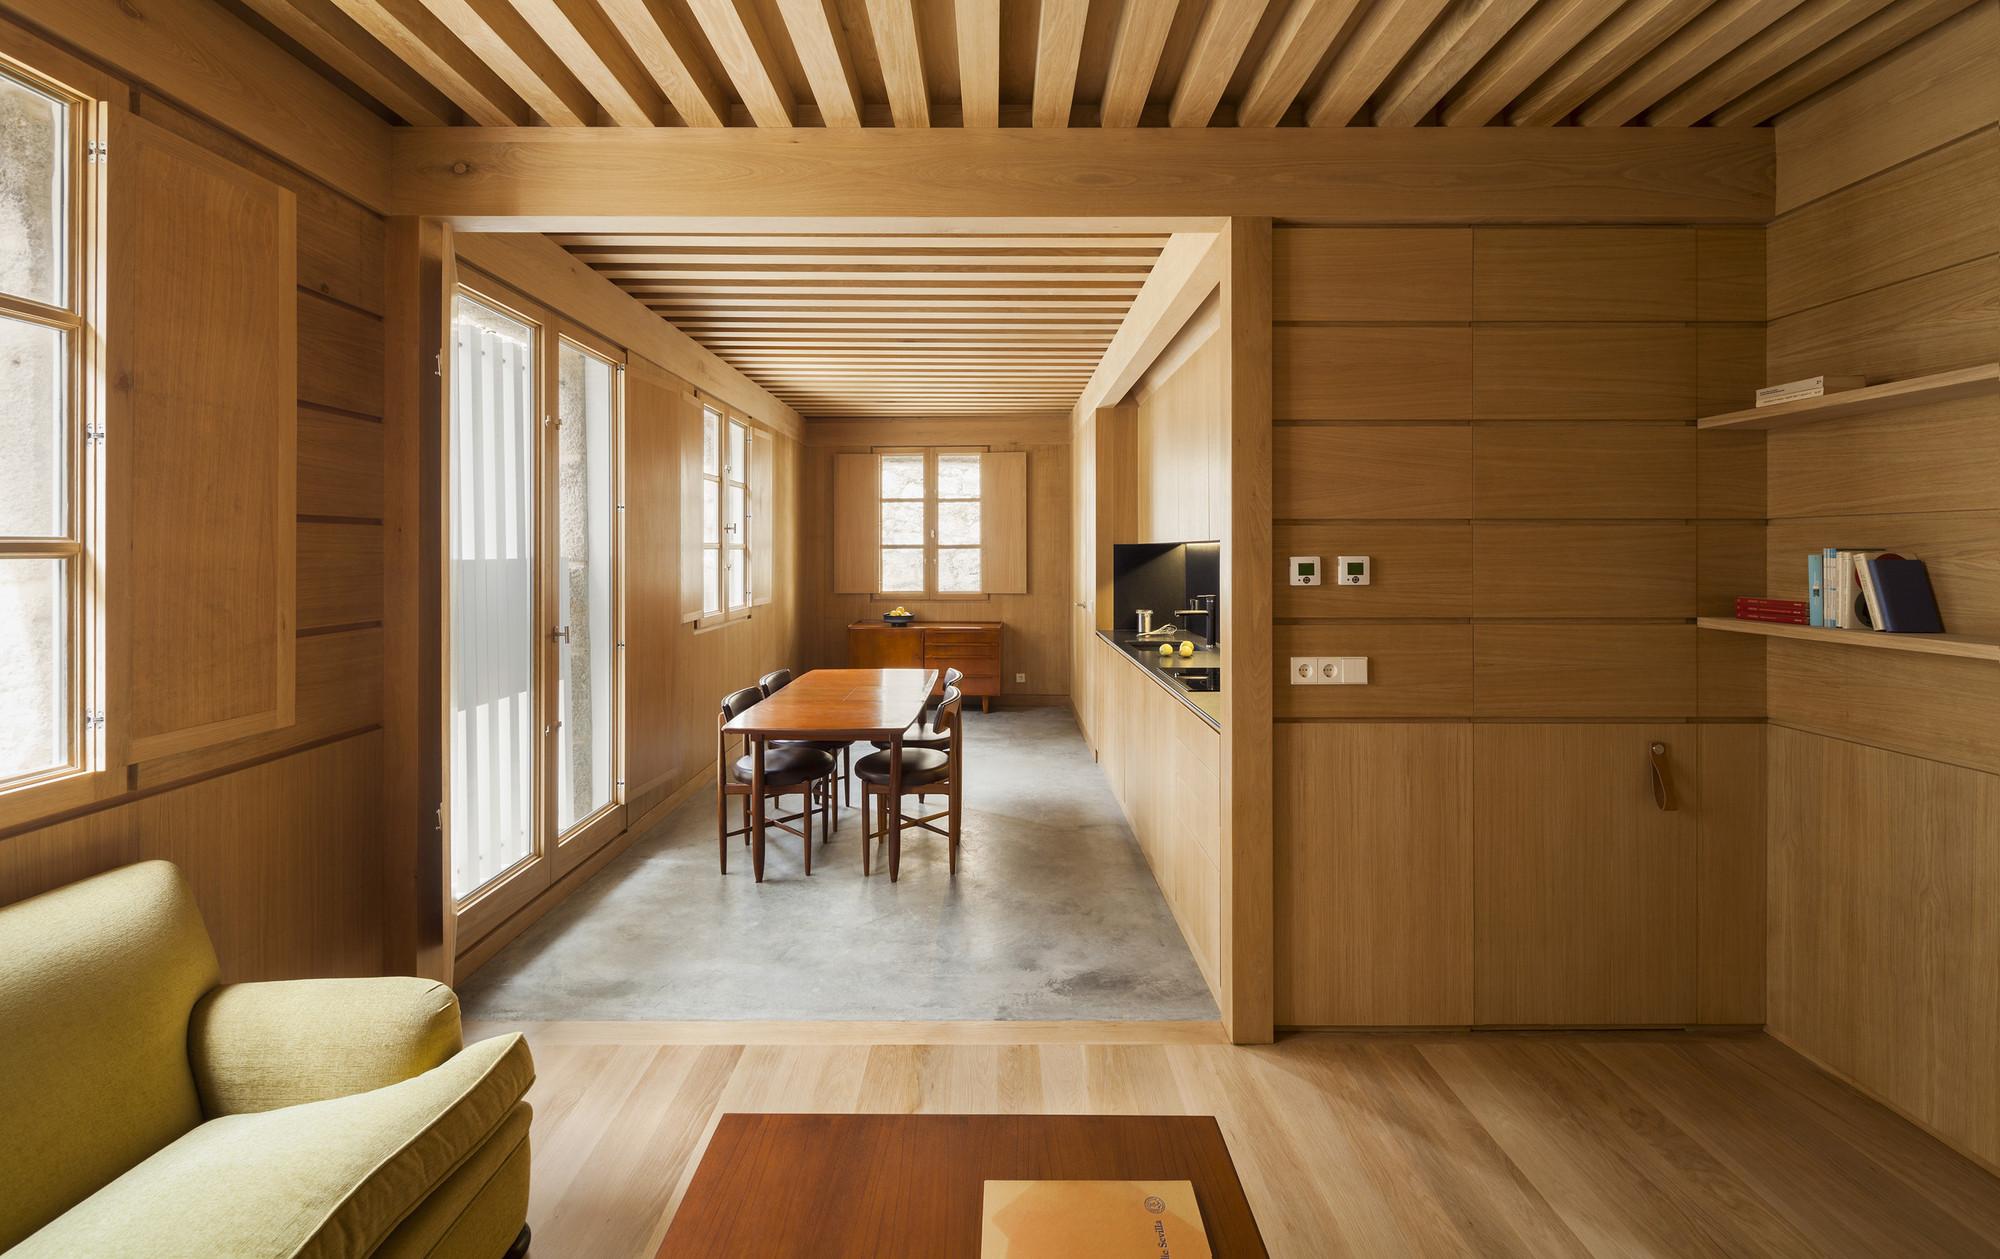 Casa aguirre en bayona carrascal blas plataforma - Arquitectos en pontevedra ...